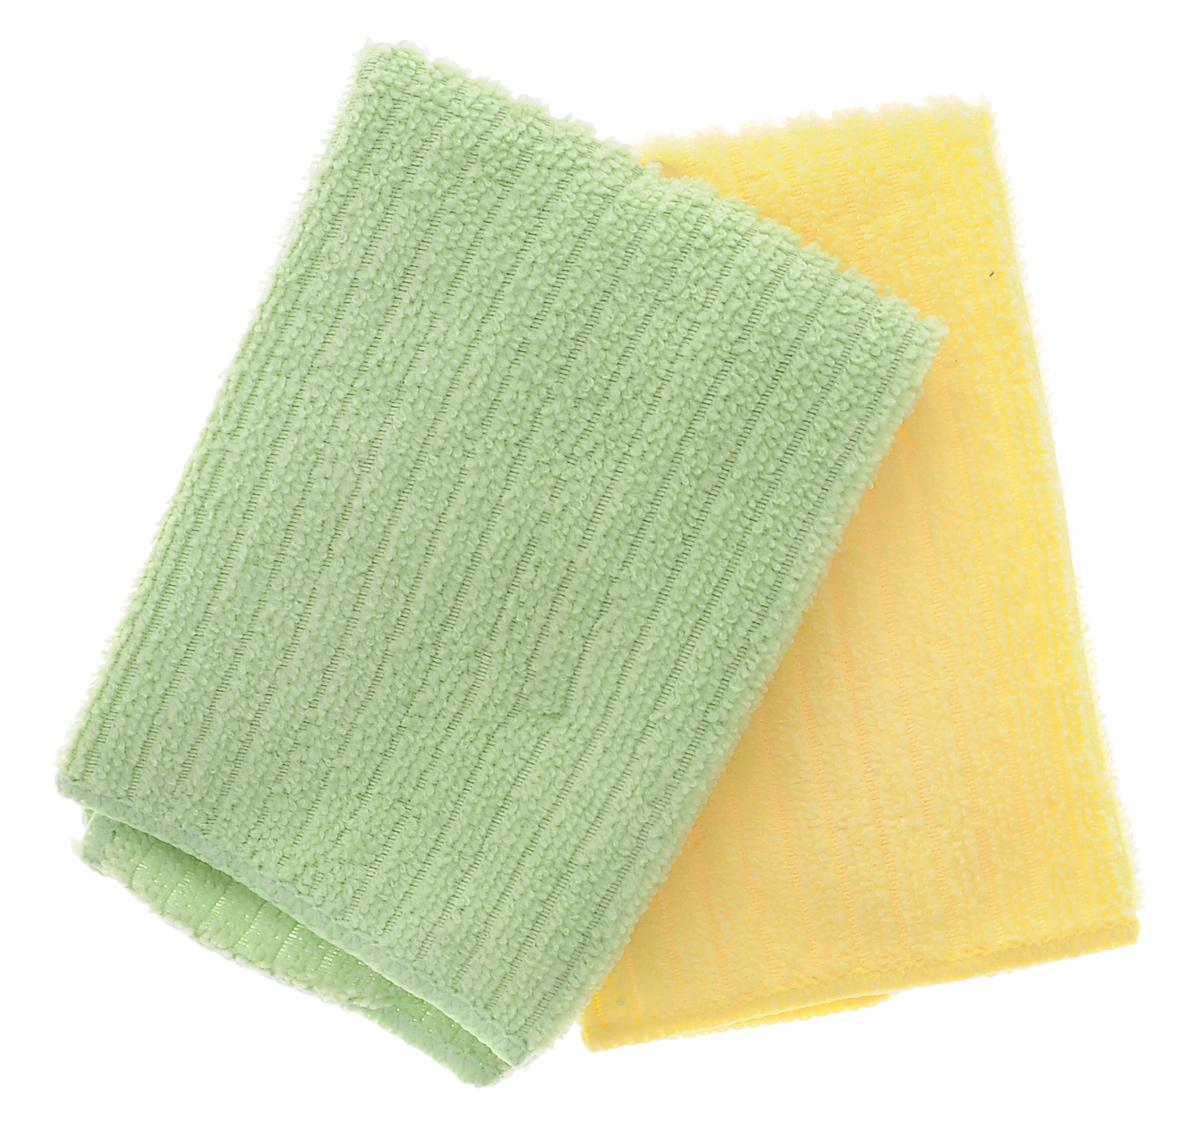 Салфетка из микрофибры Home Queen, цвет: желтый, зеленый, 30 х 30 см, 2 шт531-105Салфетка Home Queen изготовлена из микрофибры. Это великолепная гипоаллергенная ткань, изготовленная из тончайших полимерных микроволокон. Салфетка из микрофибры может поглощать количество пыли и влаги, в 7 раз превышающее ее собственный вес. Многочисленные поры между микроволокнами, благодаря капиллярному эффекту, мгновенно впитывают воду, подобно губке. Благодаря мелким порам микроволокна, любые капельки, остающиеся на чистящей поверхности очень быстро испаряются и остается чистая дорожка без полос и разводов. В сухом виде при вытирании поверхности волокна микрофибры электризуются и притягивают к себе микробов, мельчайшие частицы пыли и грязи, удерживая их в своих микропорах.Размер салфетки: 30 см х 30 см.